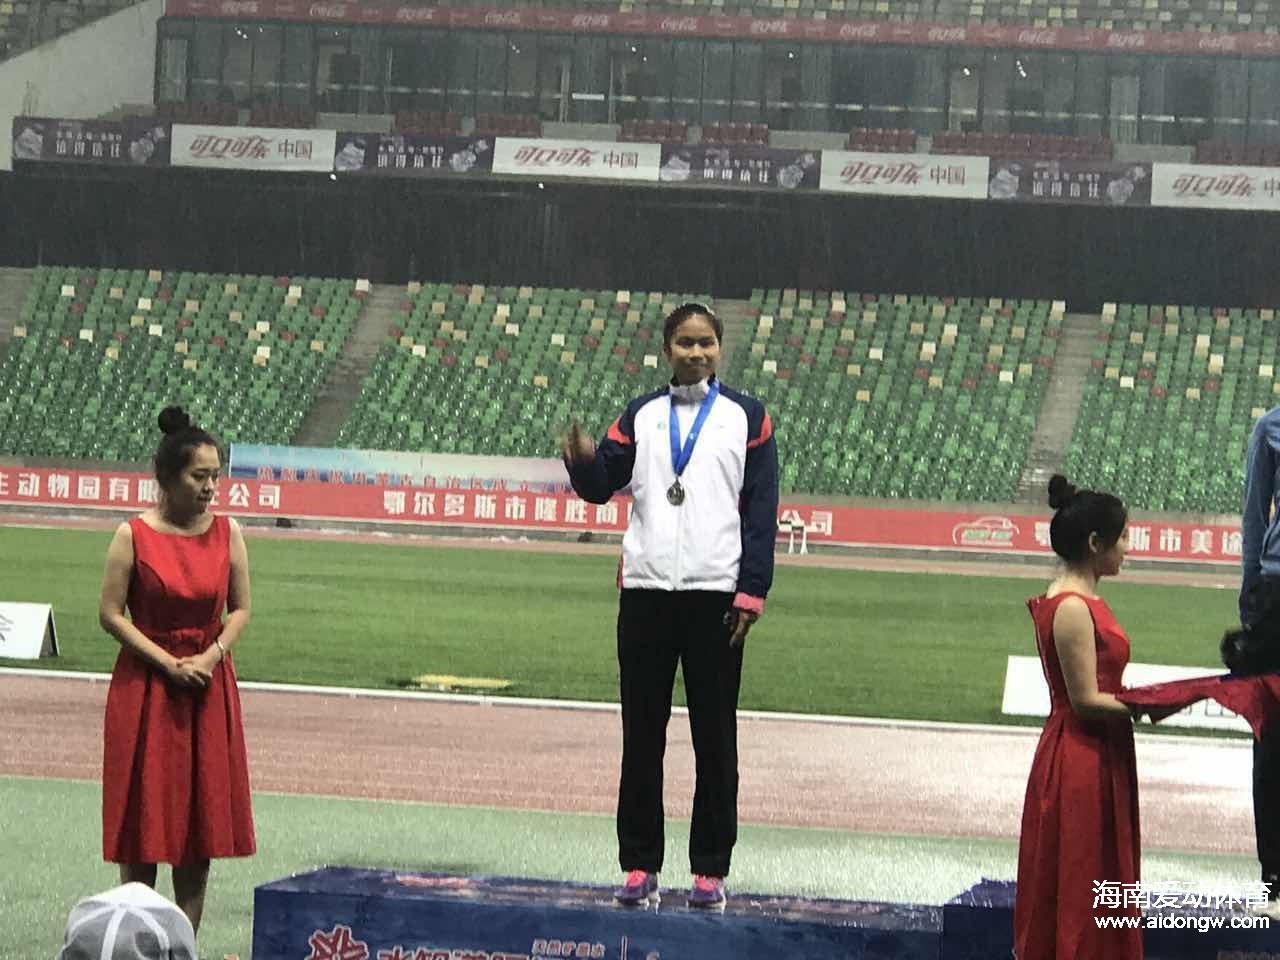 2017年全国青年(u20)田径赛落幕 海南选手周晶晶荣获七项全能第二名